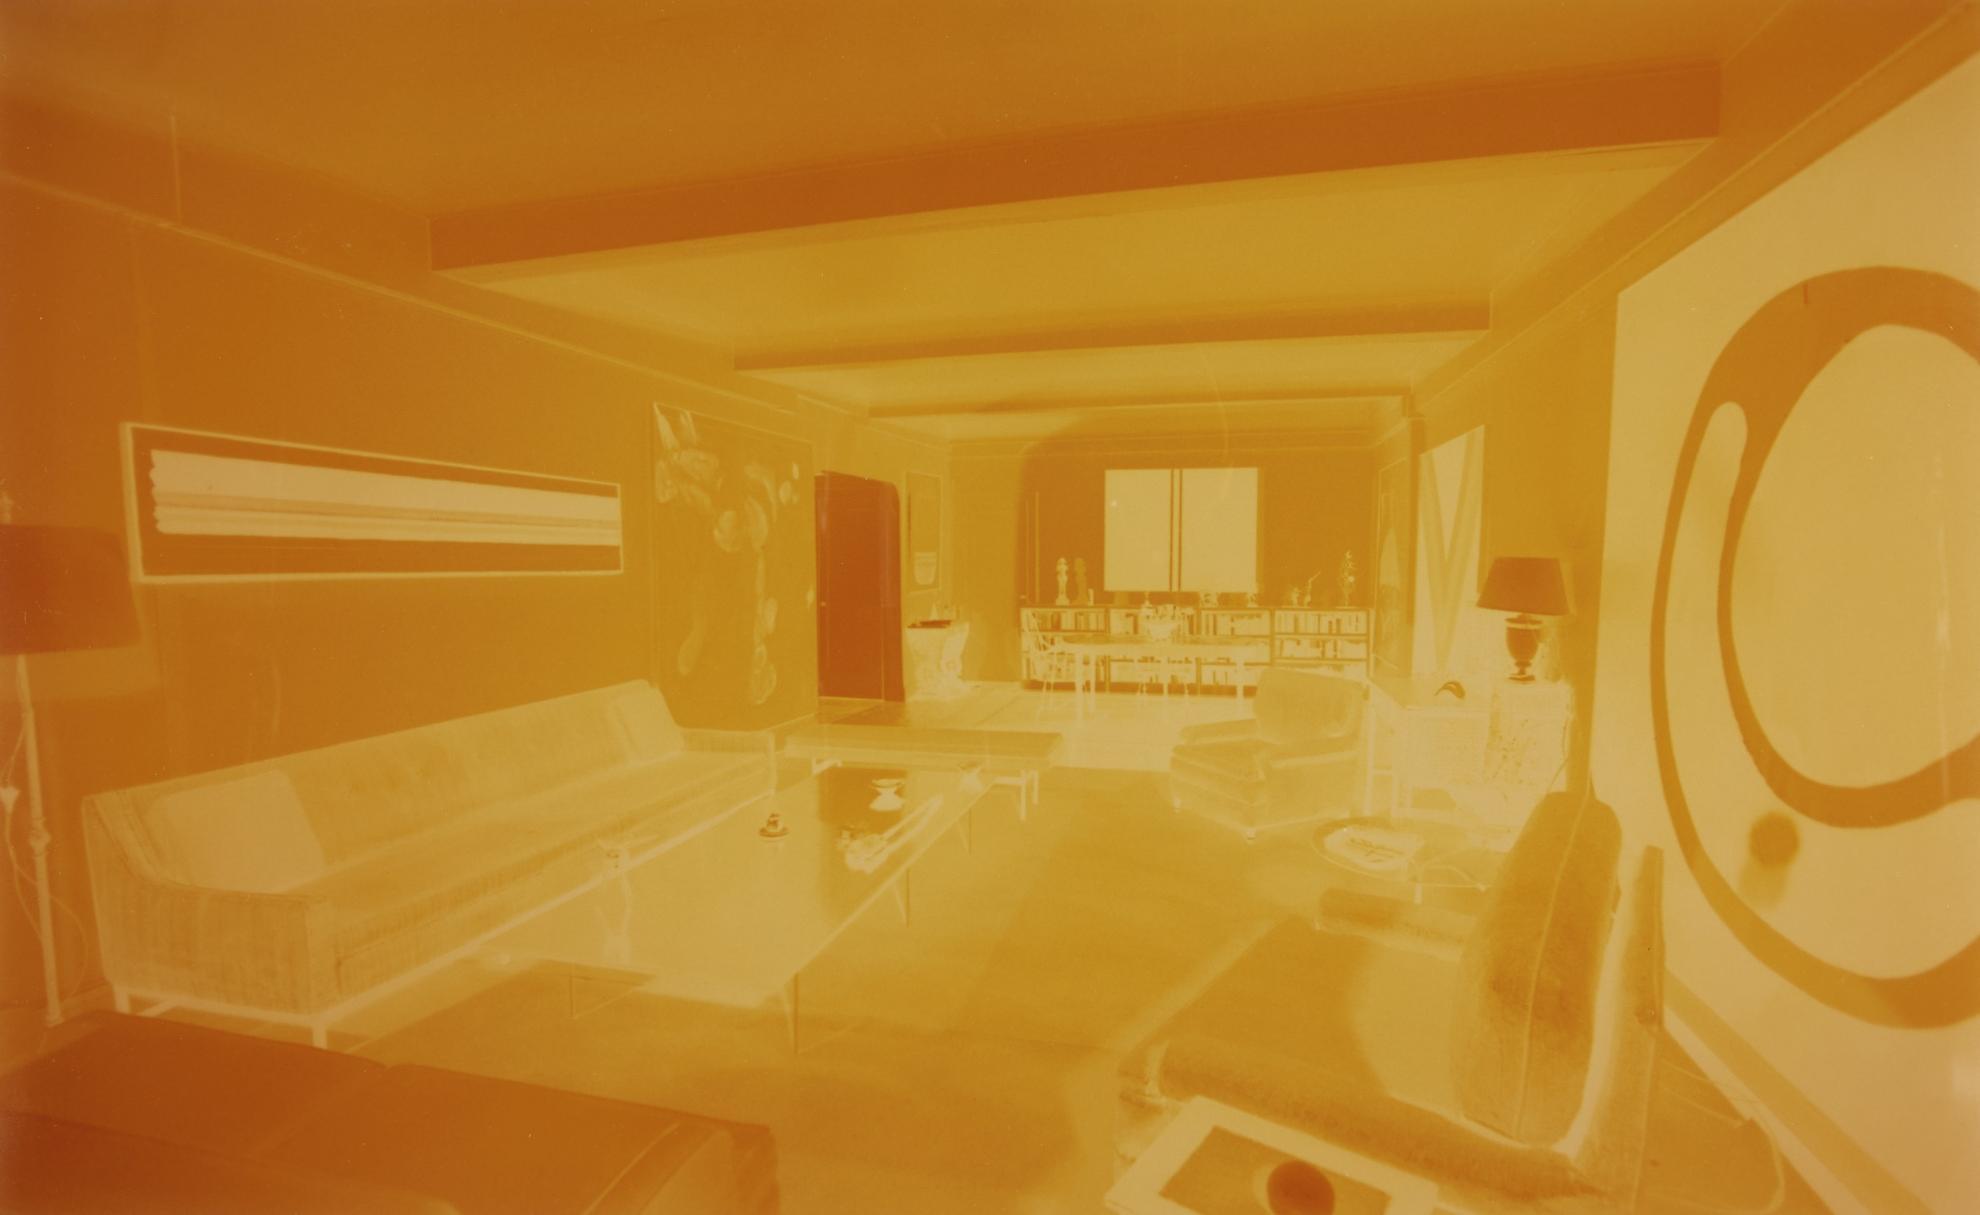 Paul Sietsema - Orange Room-2000